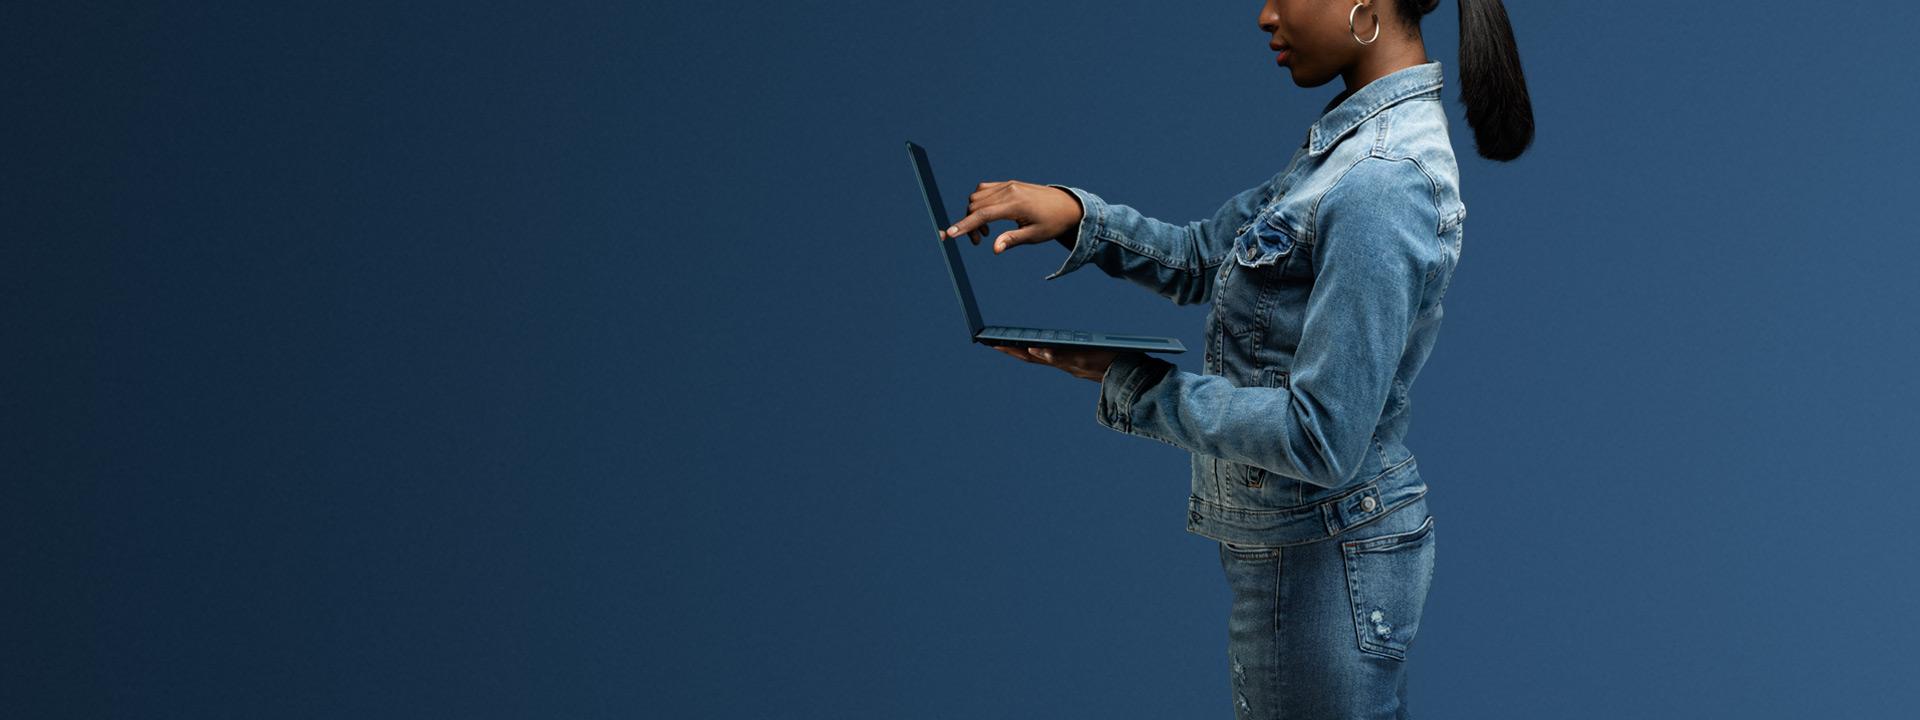 En flicka håller i Surface Laptop 2 och vidrör skärmen